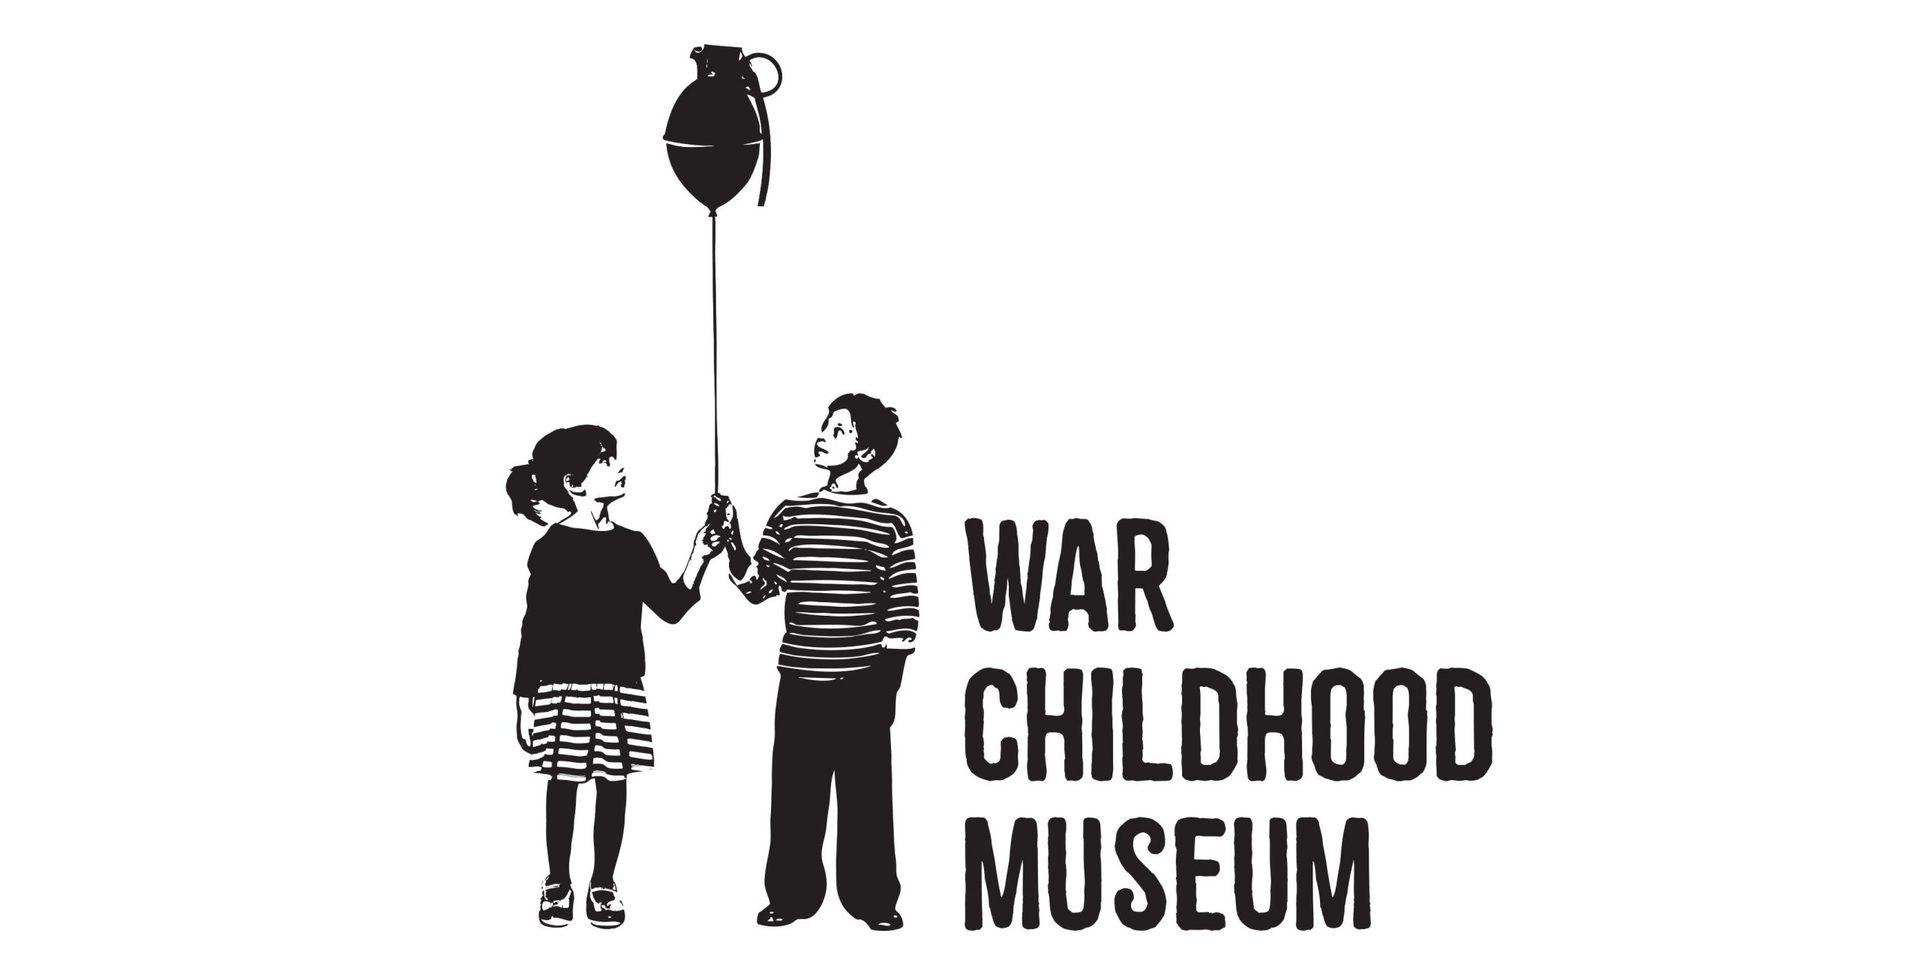 Studietur Sarajevo War Childhood Museum